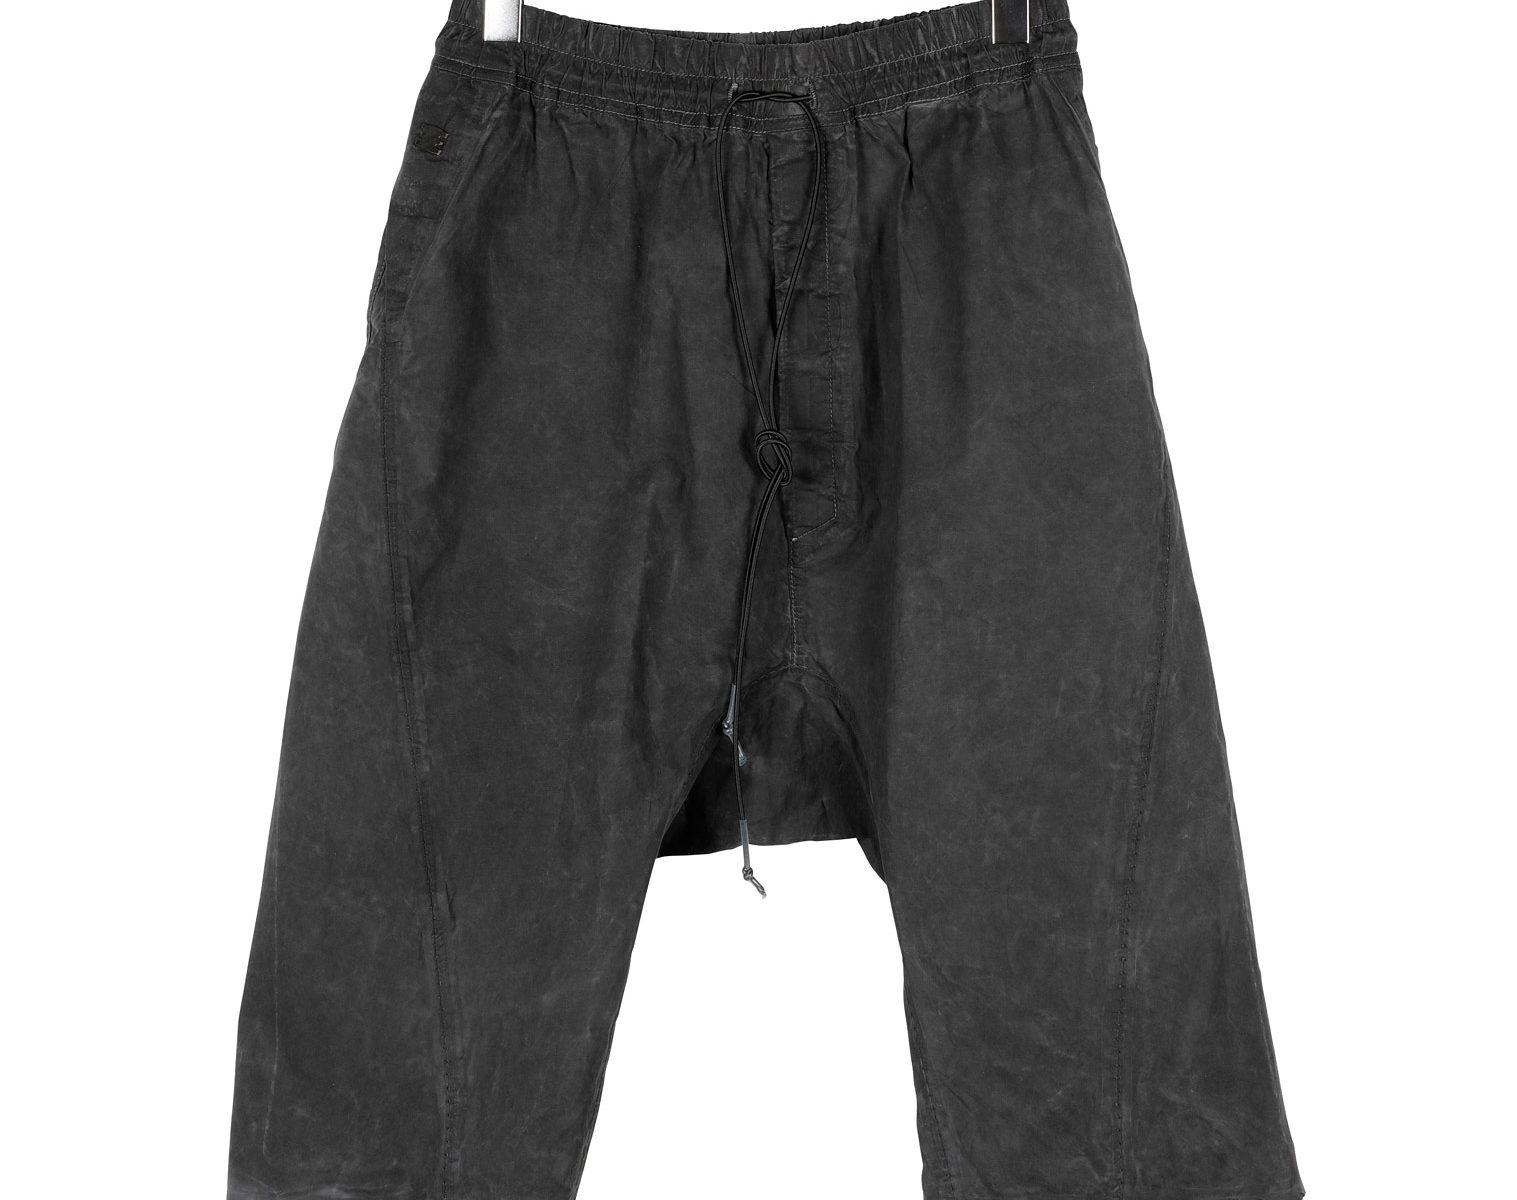 ISAAC SELLAM Relaxed Short Pant 01